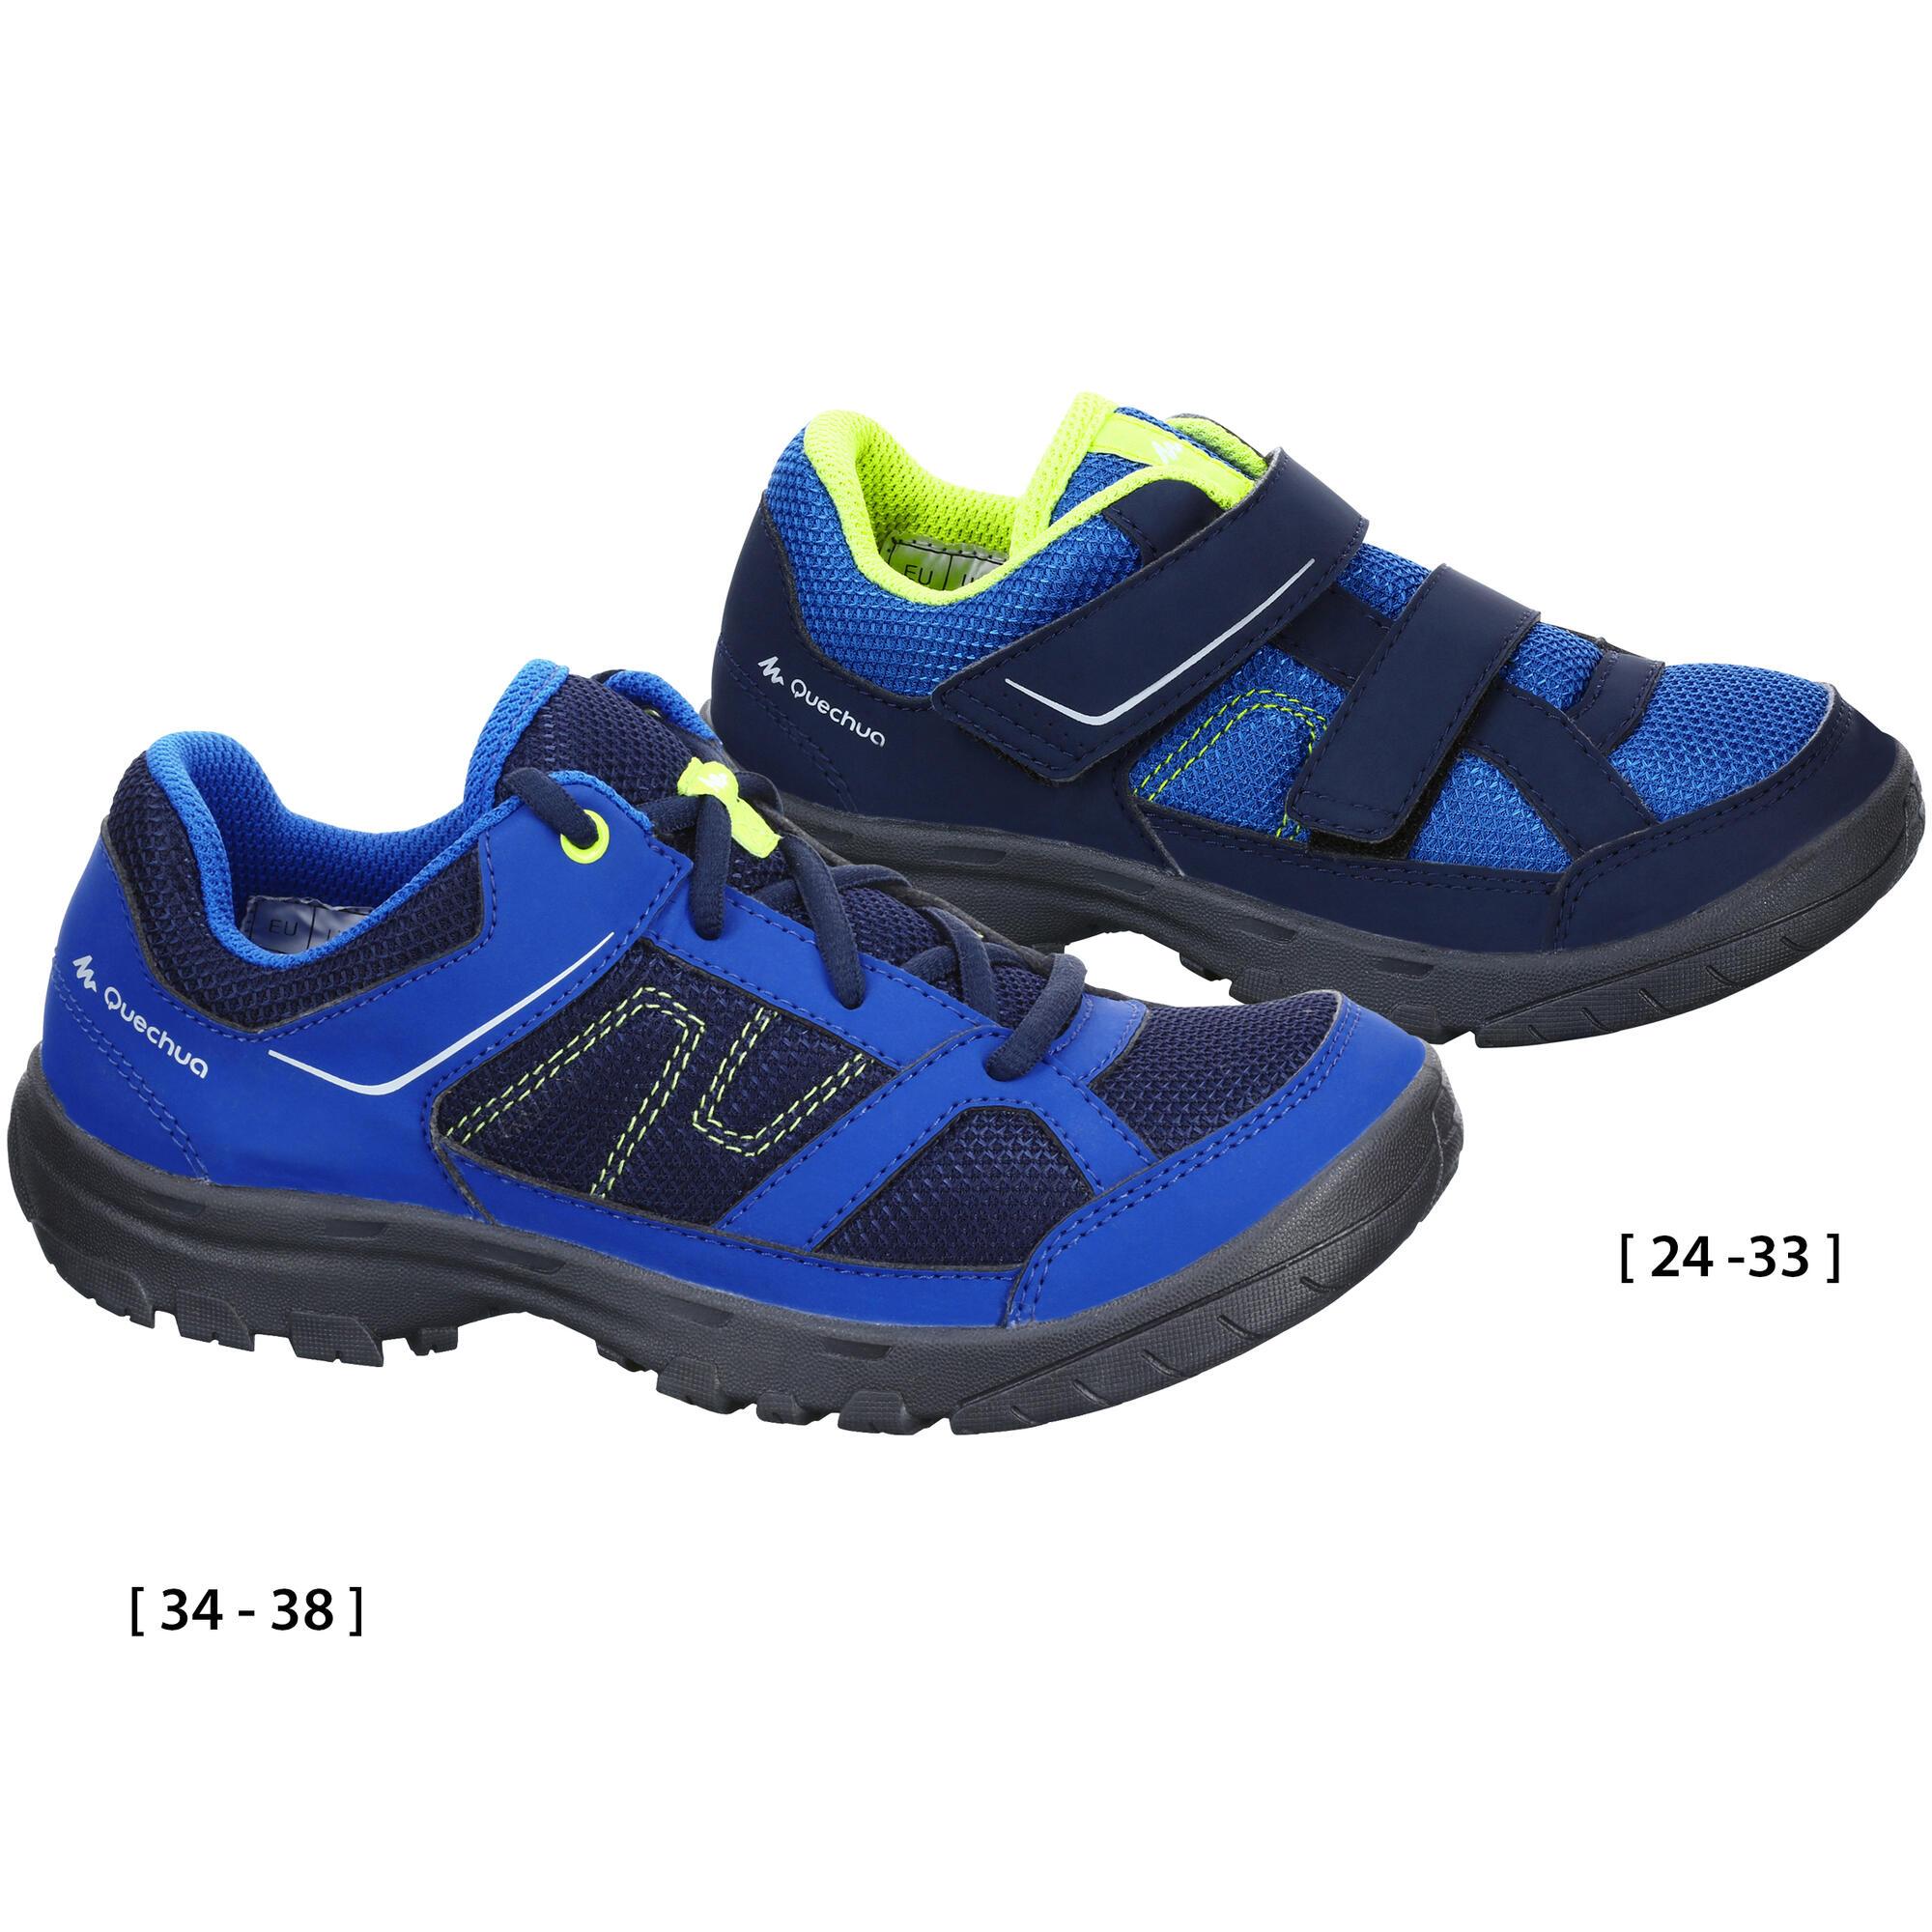 NH100 JR Hiking Shoes